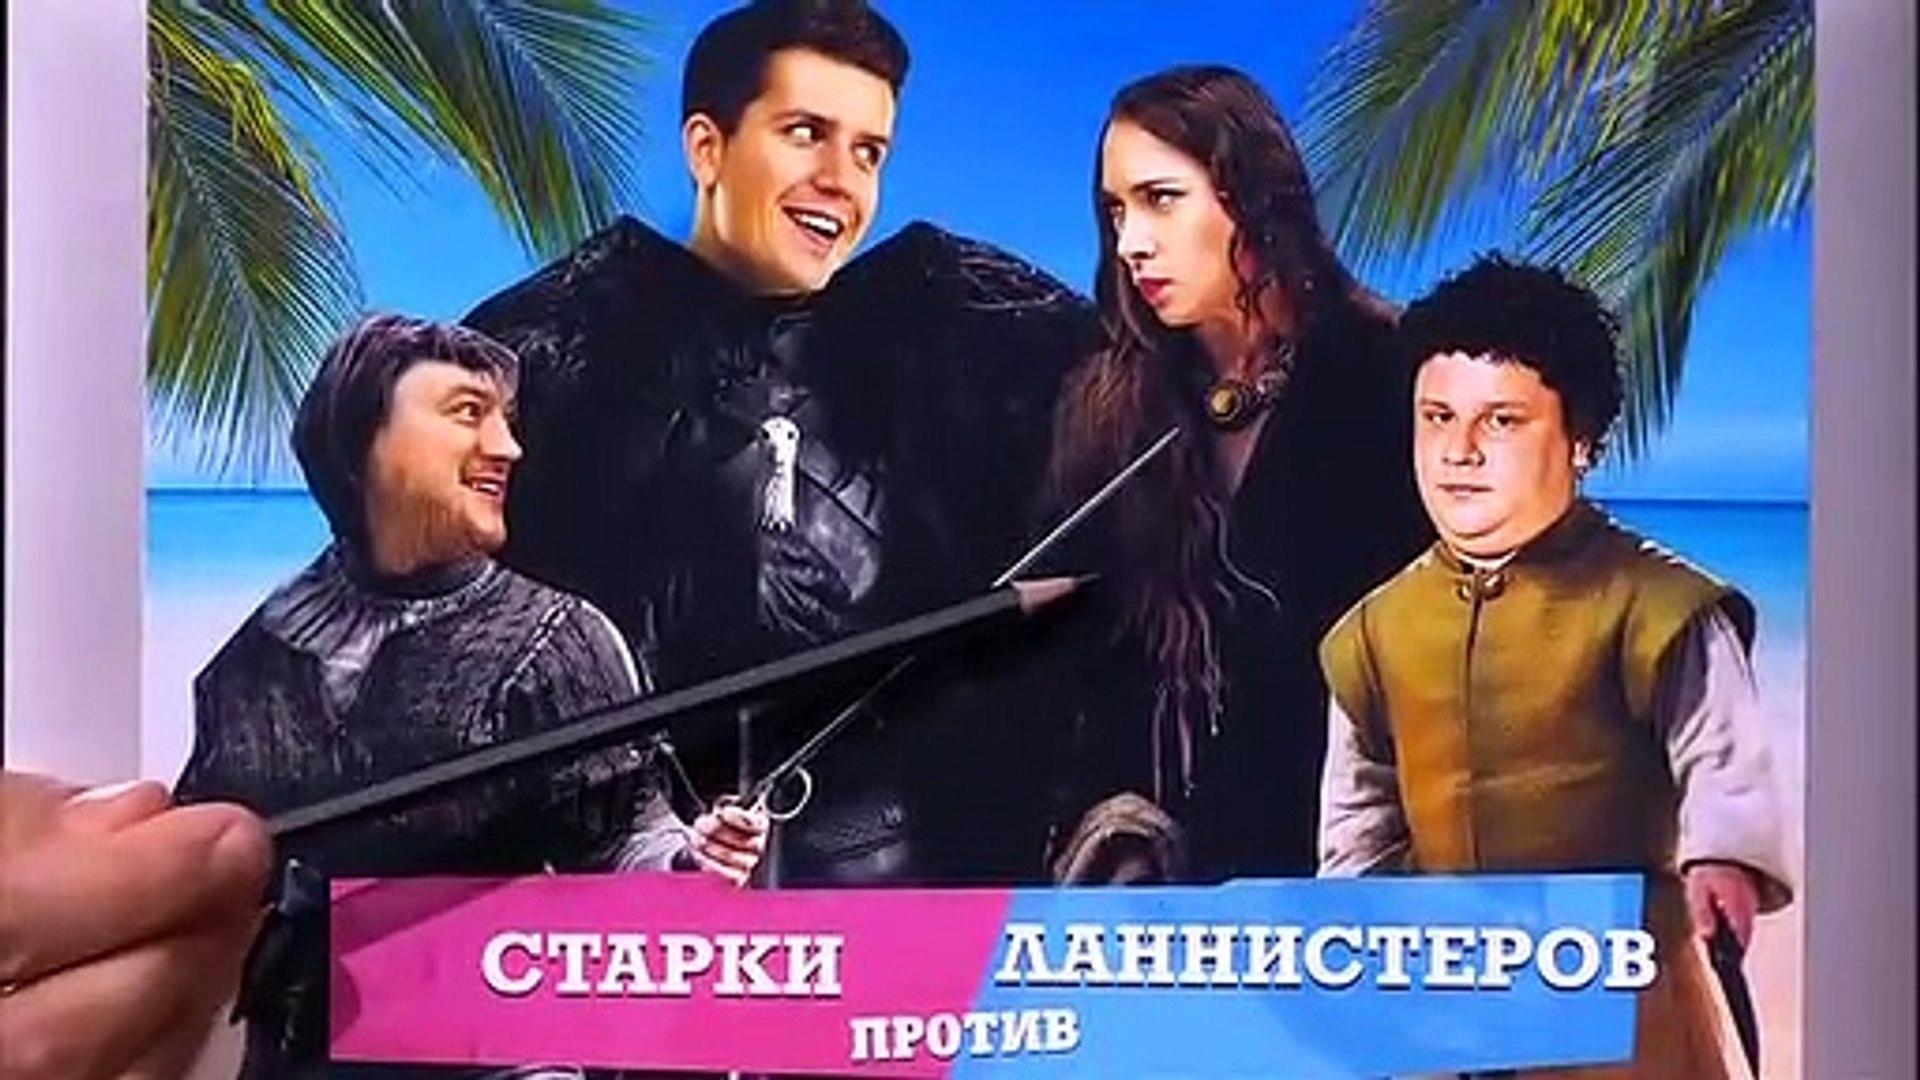 Вечерний Ургант. Геннадий Хазанов и Иван Добронравов 30.10.2019